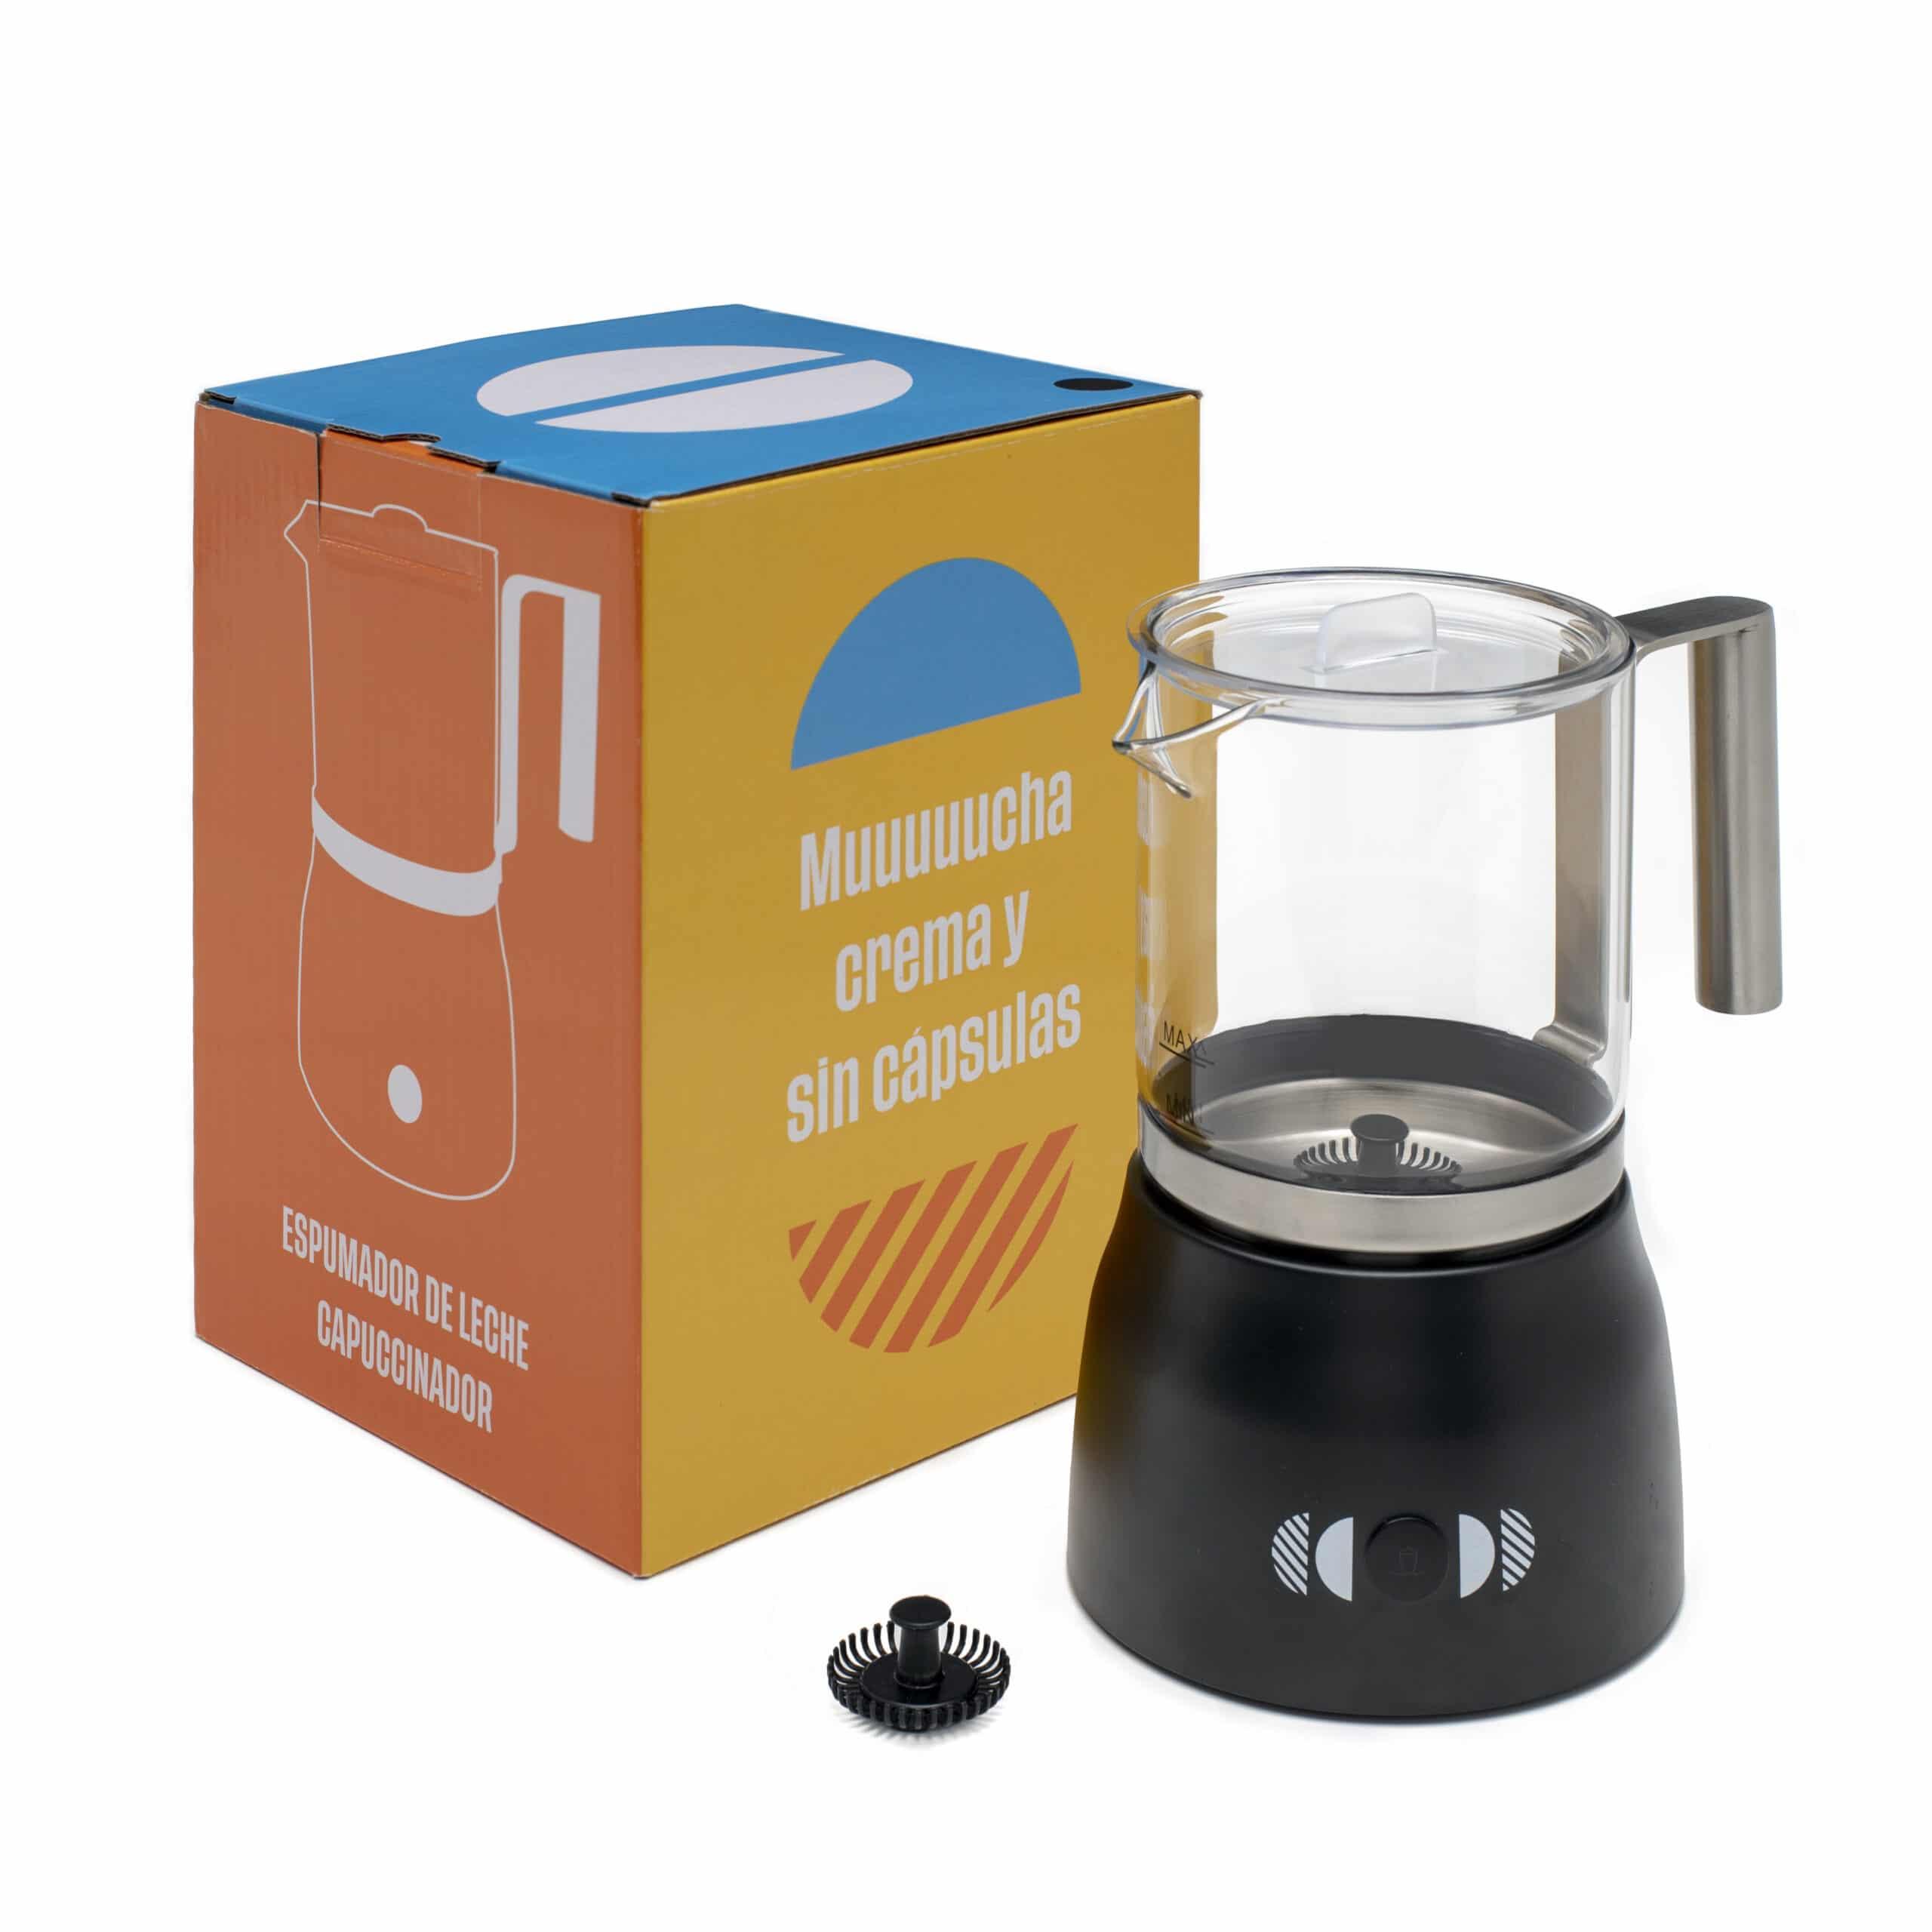 Capuccinador, Espumador, Vaporizador para leche Incapto Coffee color negro